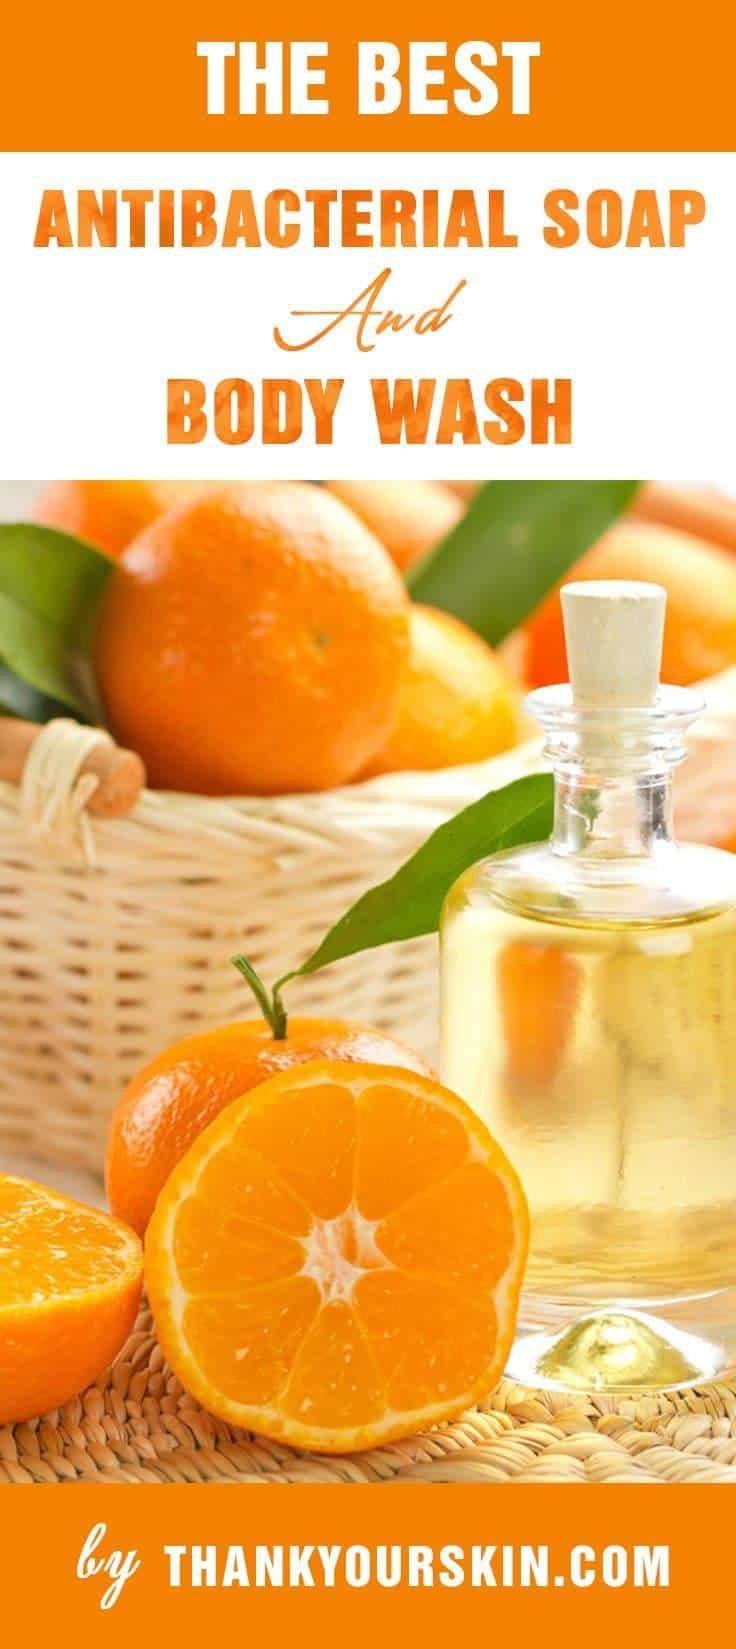 Best Natural Antibacterial Body Wash